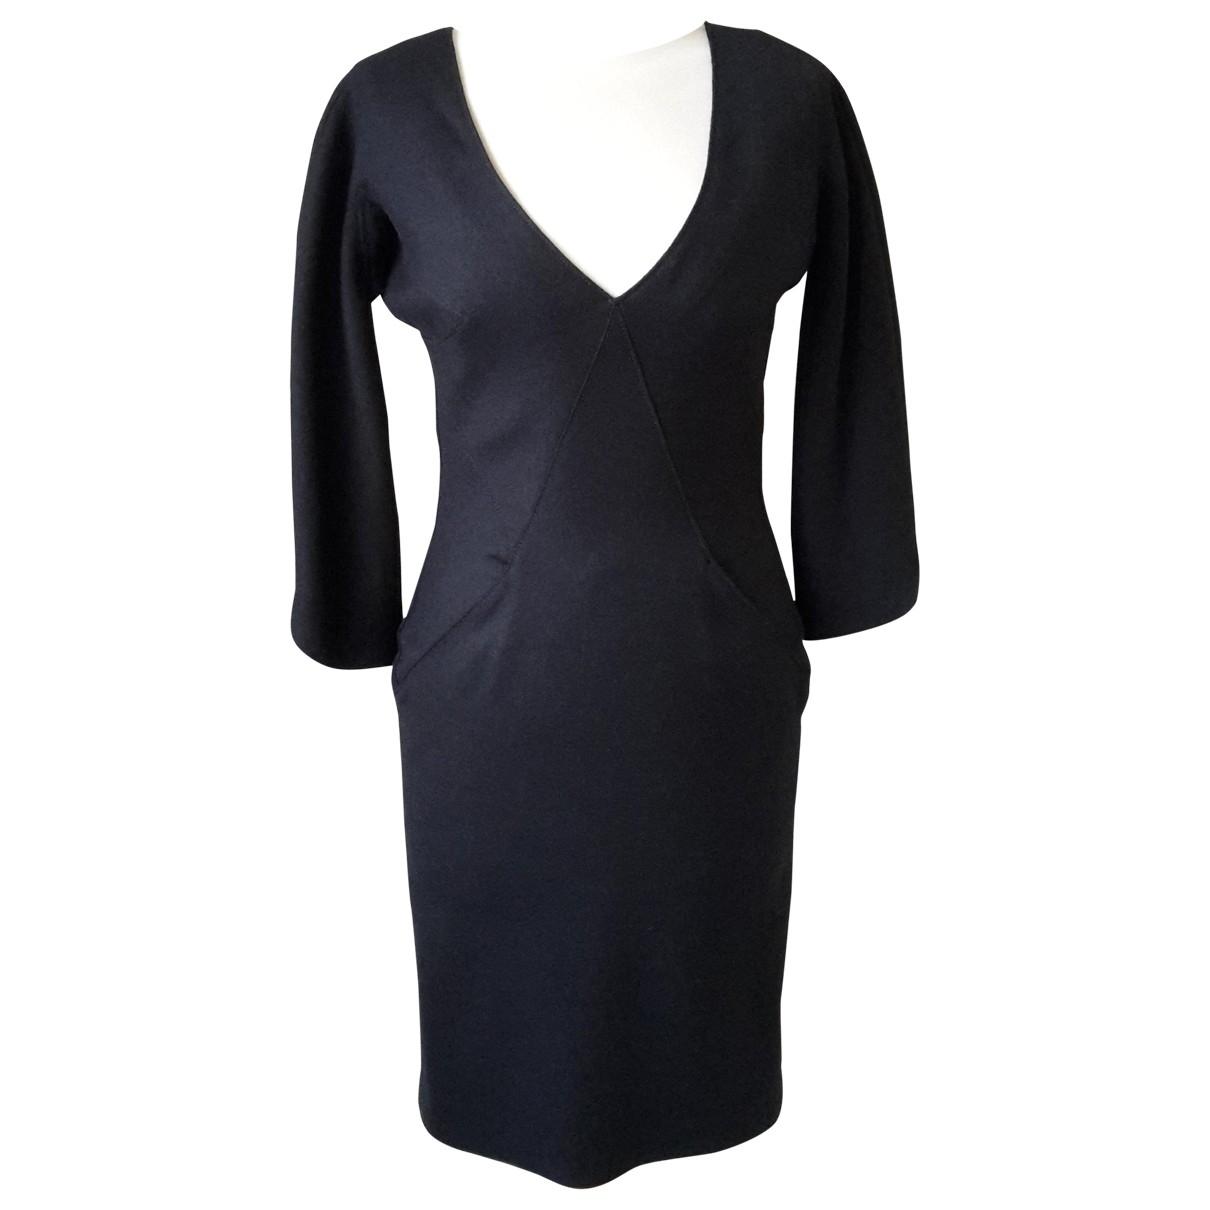 Alexander Mcqueen \N Black Wool dress for Women 40 IT